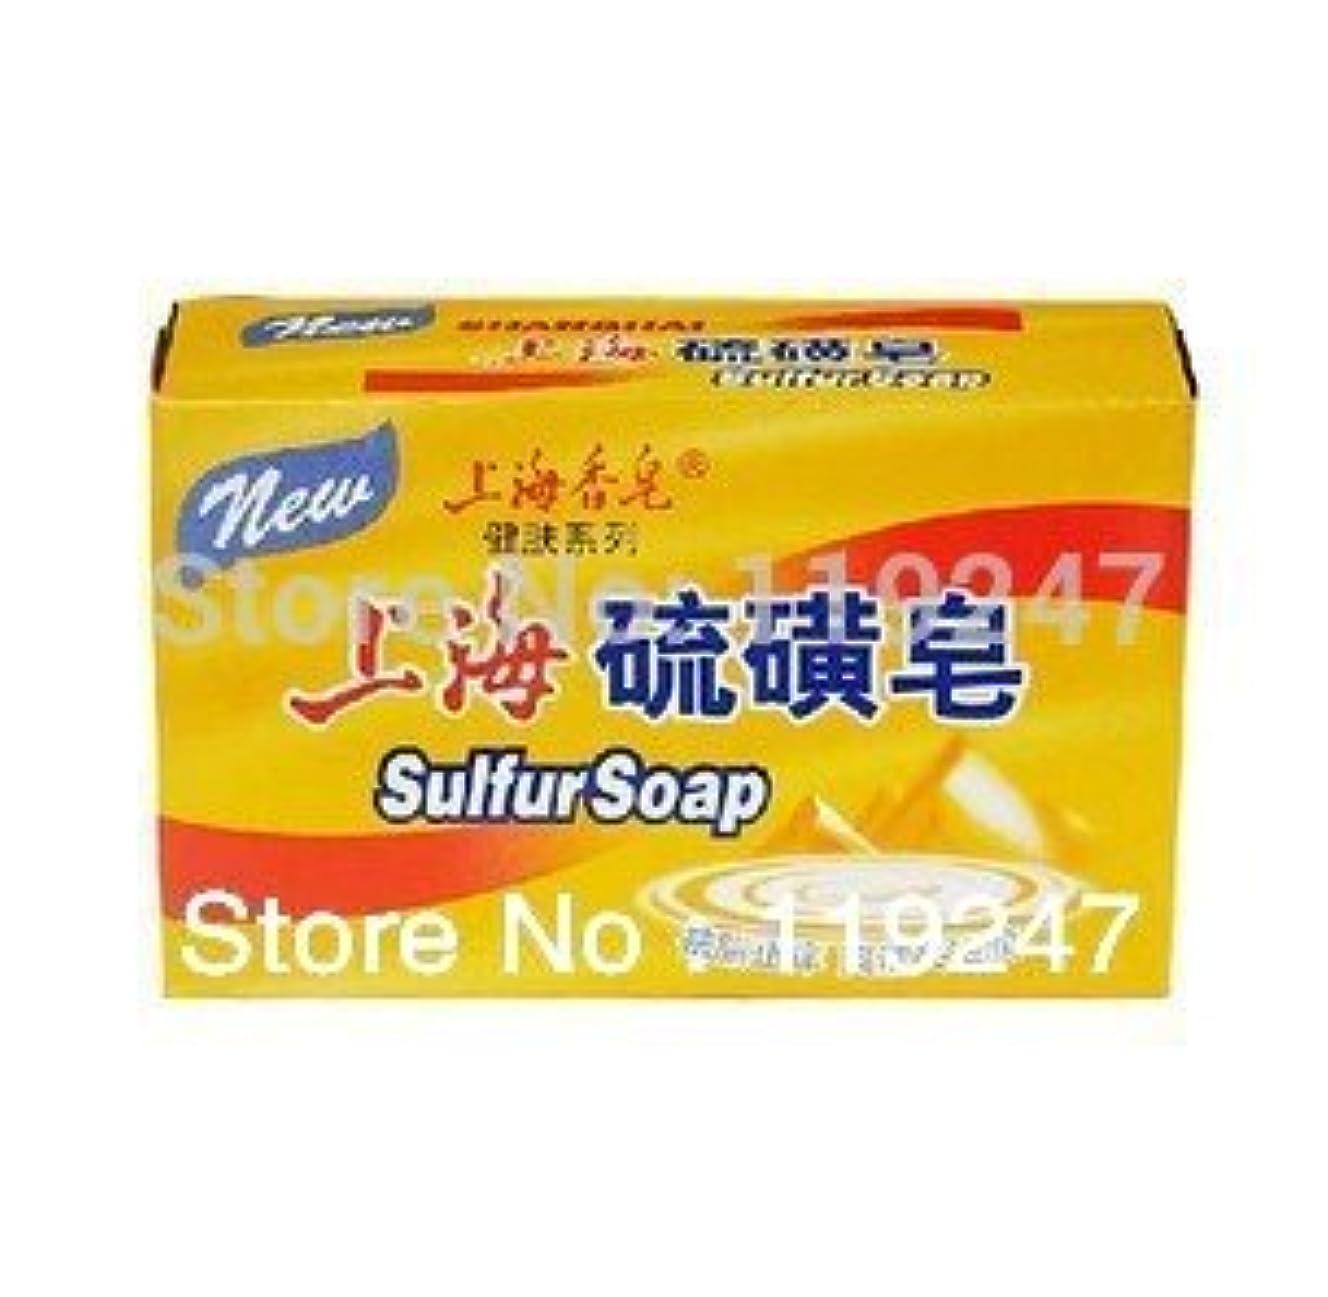 おっと息切れステレオタイプLorny (TM) 上海硫黄石鹸アンチ菌ダニ、ストップかゆみ125グラム格安 [並行輸入品]